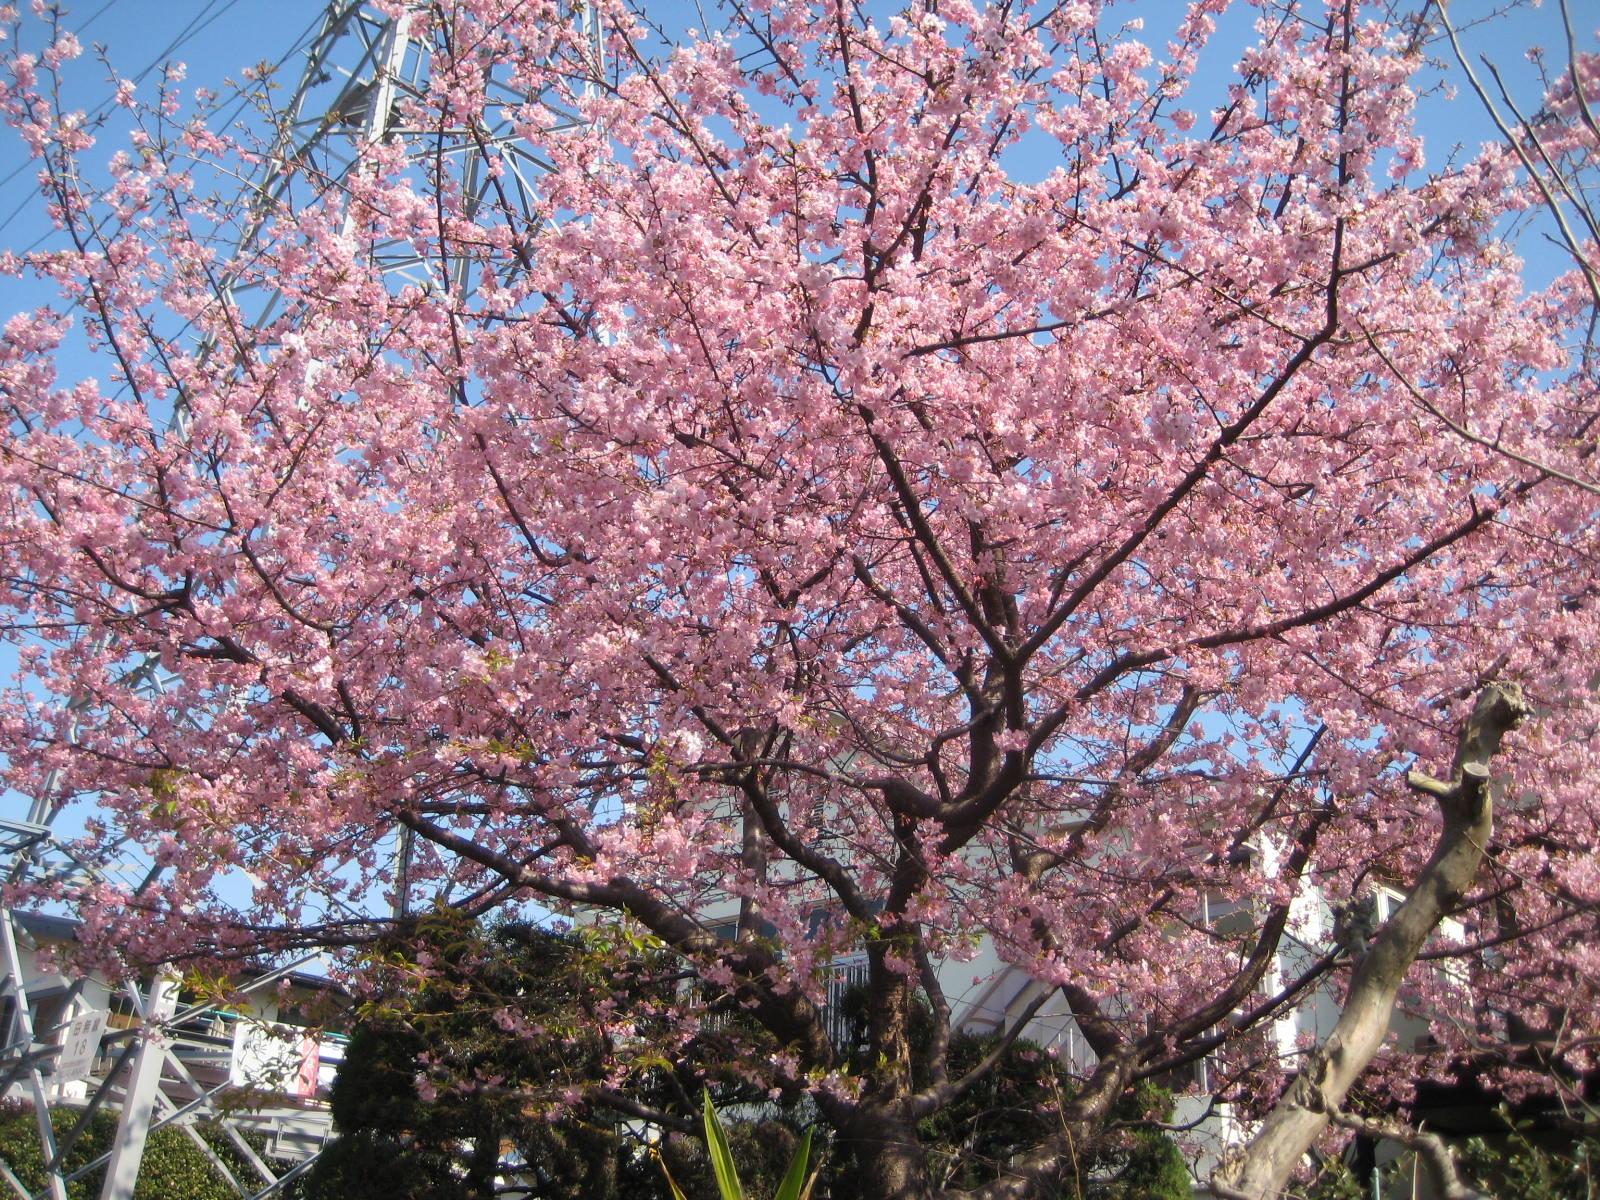 カワヅザクラ(河津桜)」 - 花熟里(けじゅくり)の静かな日々